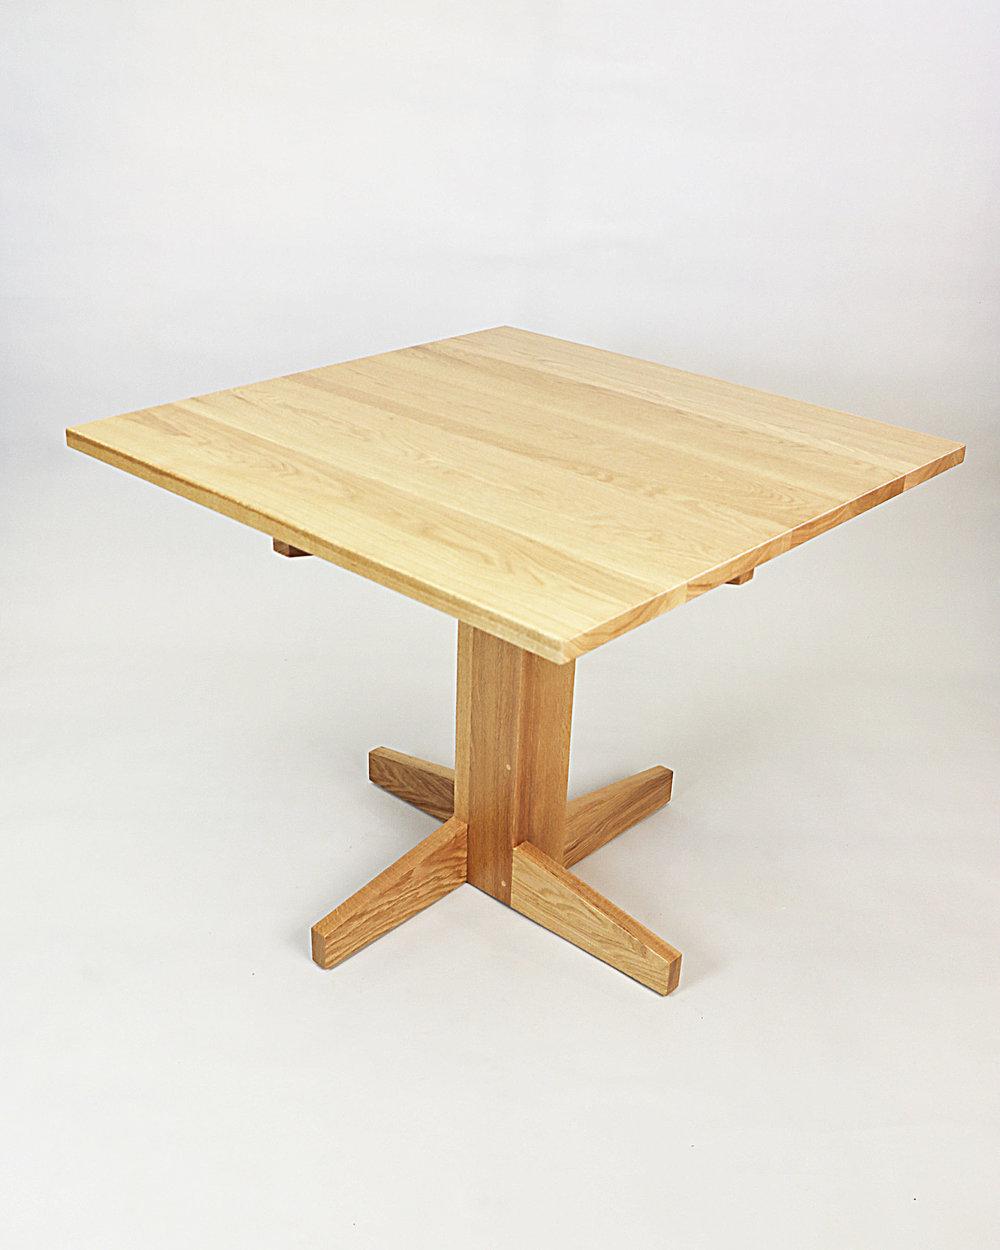 Table Minimalist1.jpg